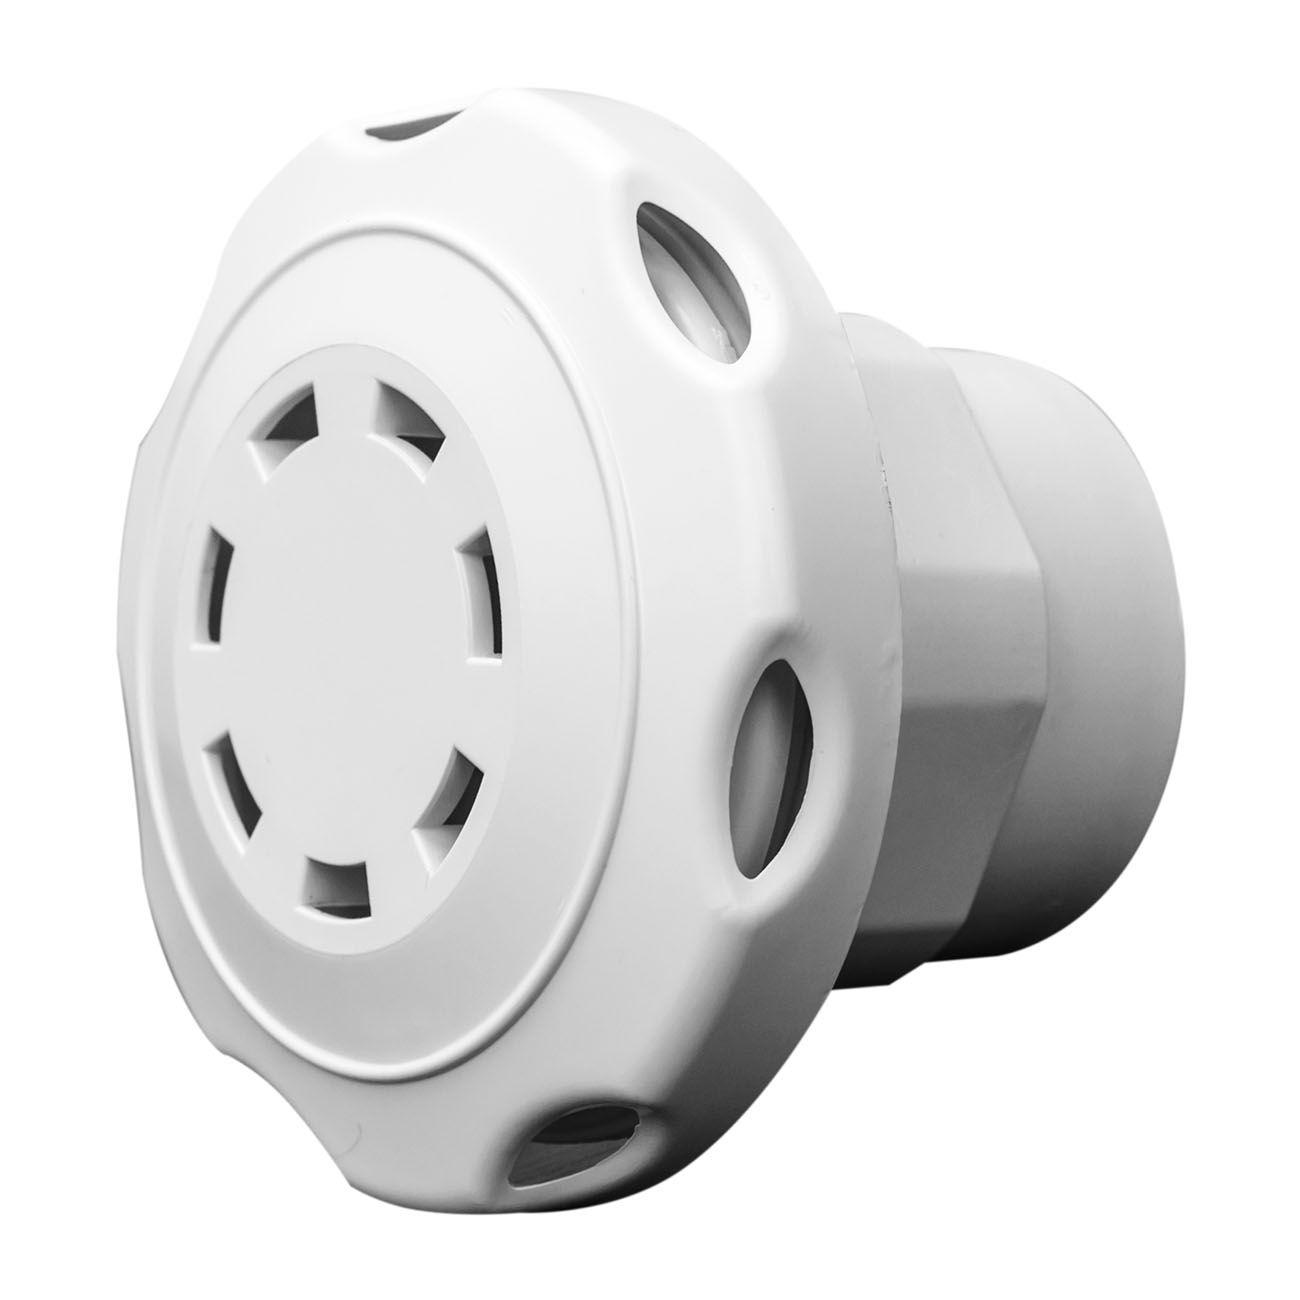 Dispositivo de Sucção ABS 1 1/2'' - Fibra - Brustec